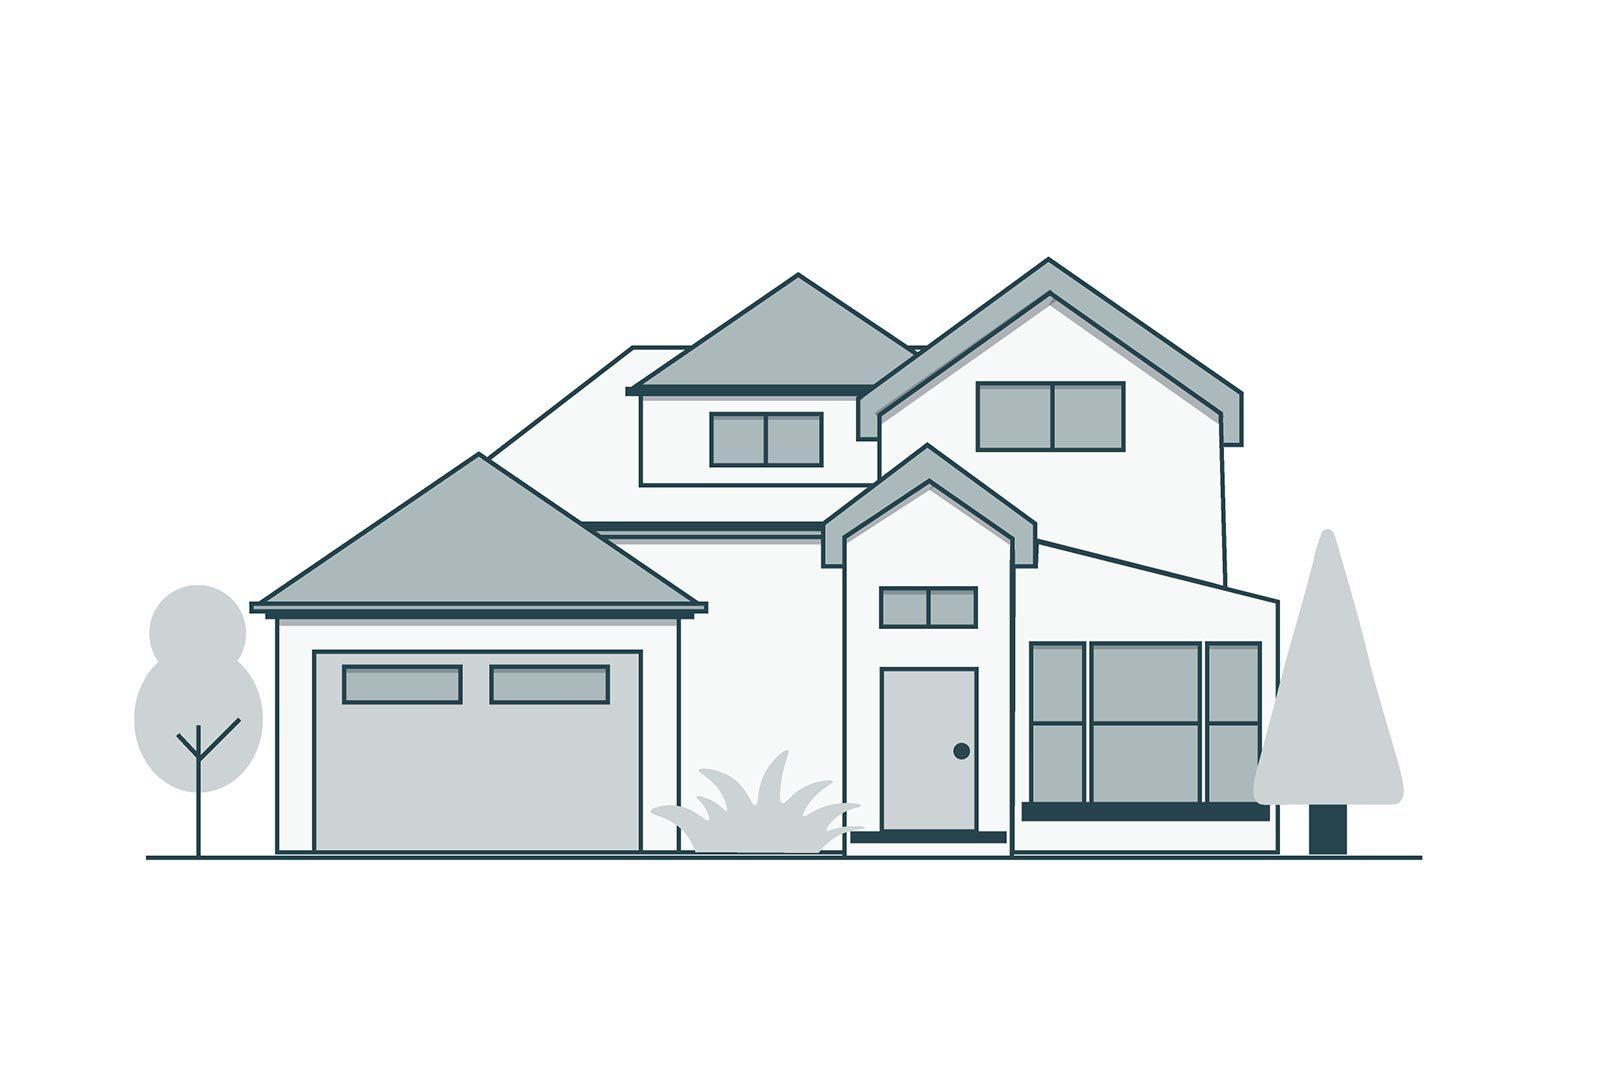 373 6th Avenue Menlo Park, CA 94025